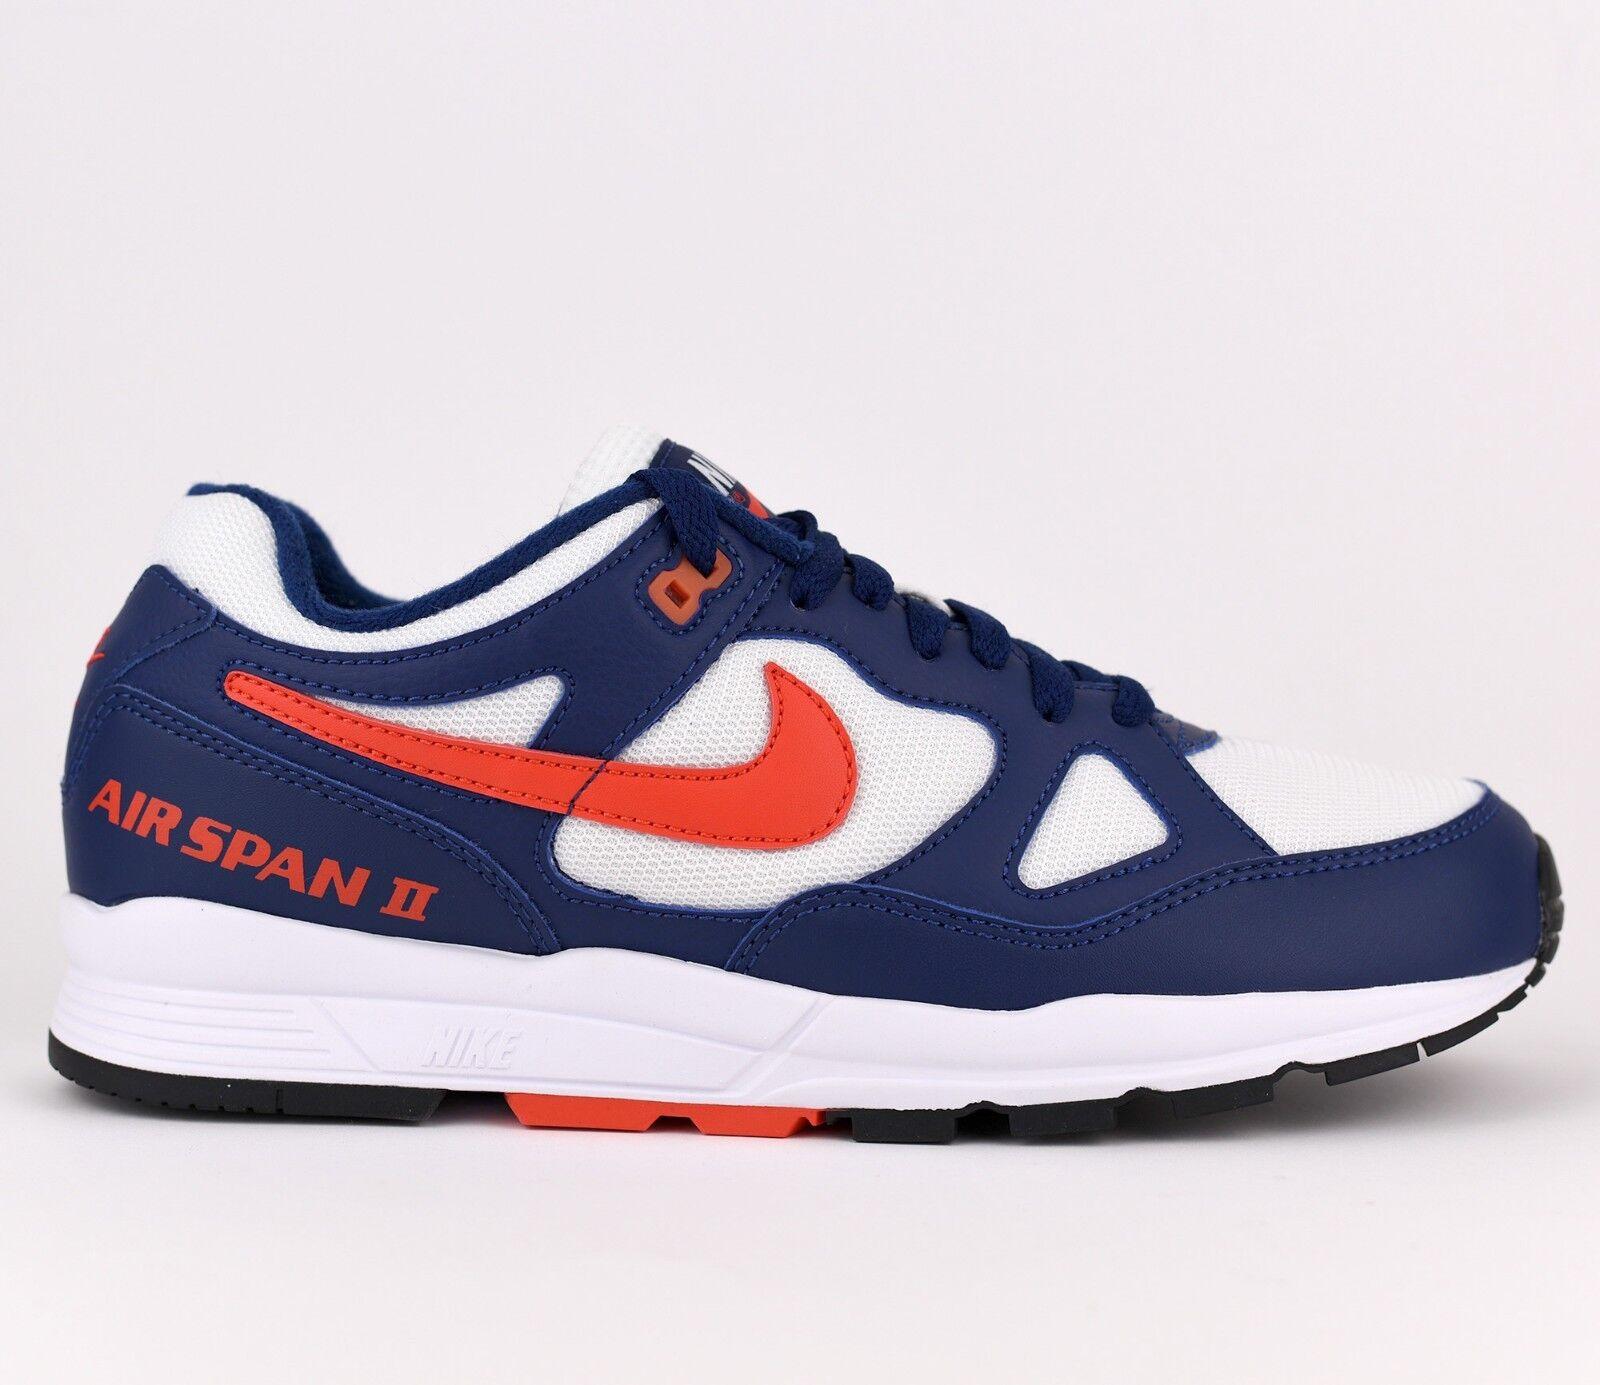 Nike Air Span II 2 Men Lifestyle Sneakers shoes New blueee Void AH8047-404